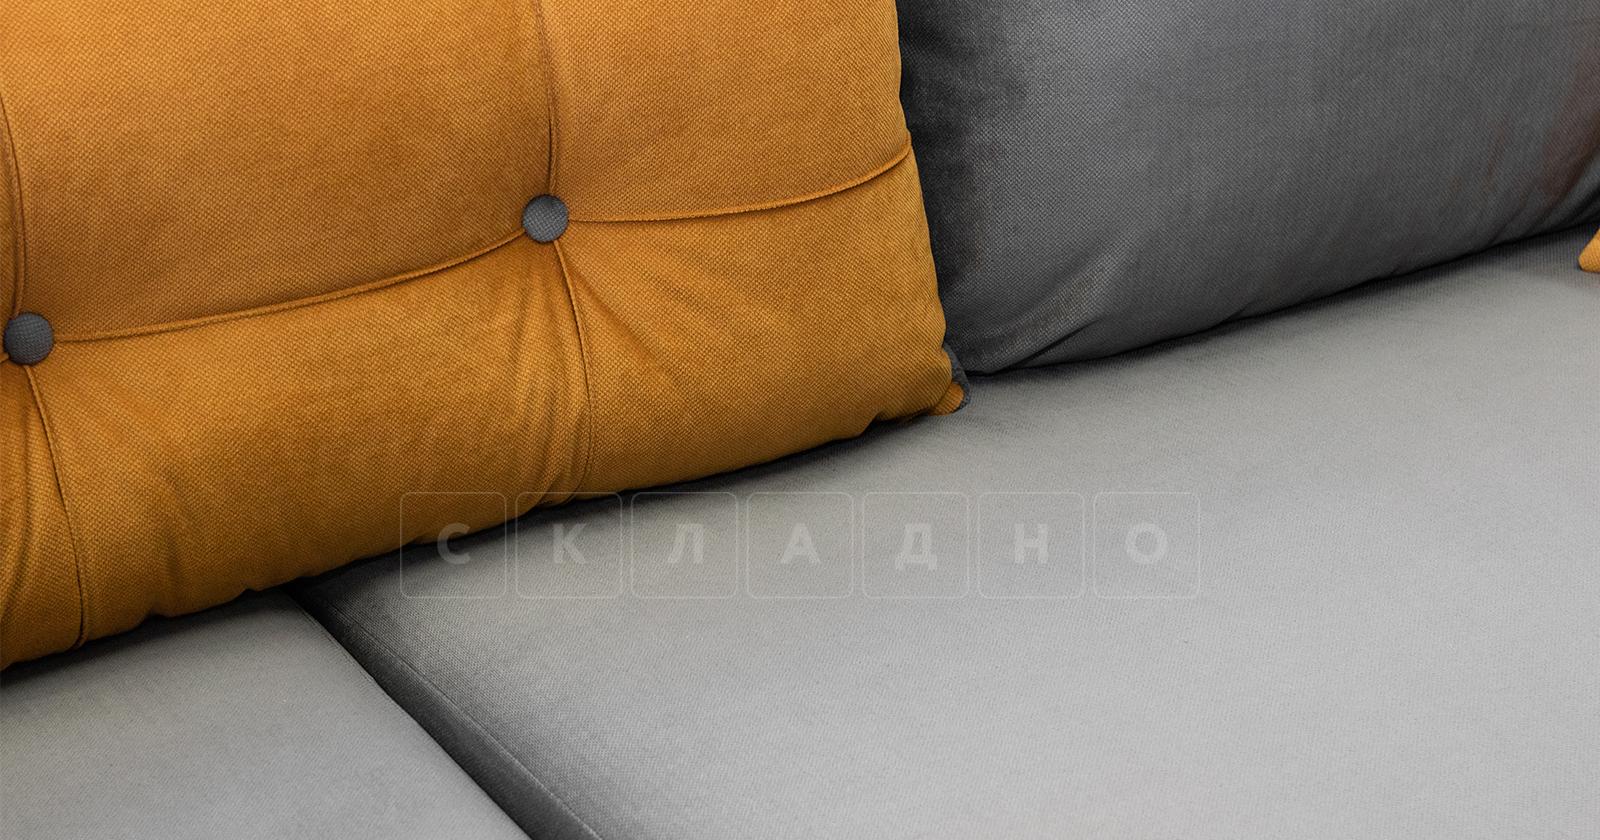 Диван-кровать Флэтфорд кварцевый серый фото 8 | интернет-магазин Складно